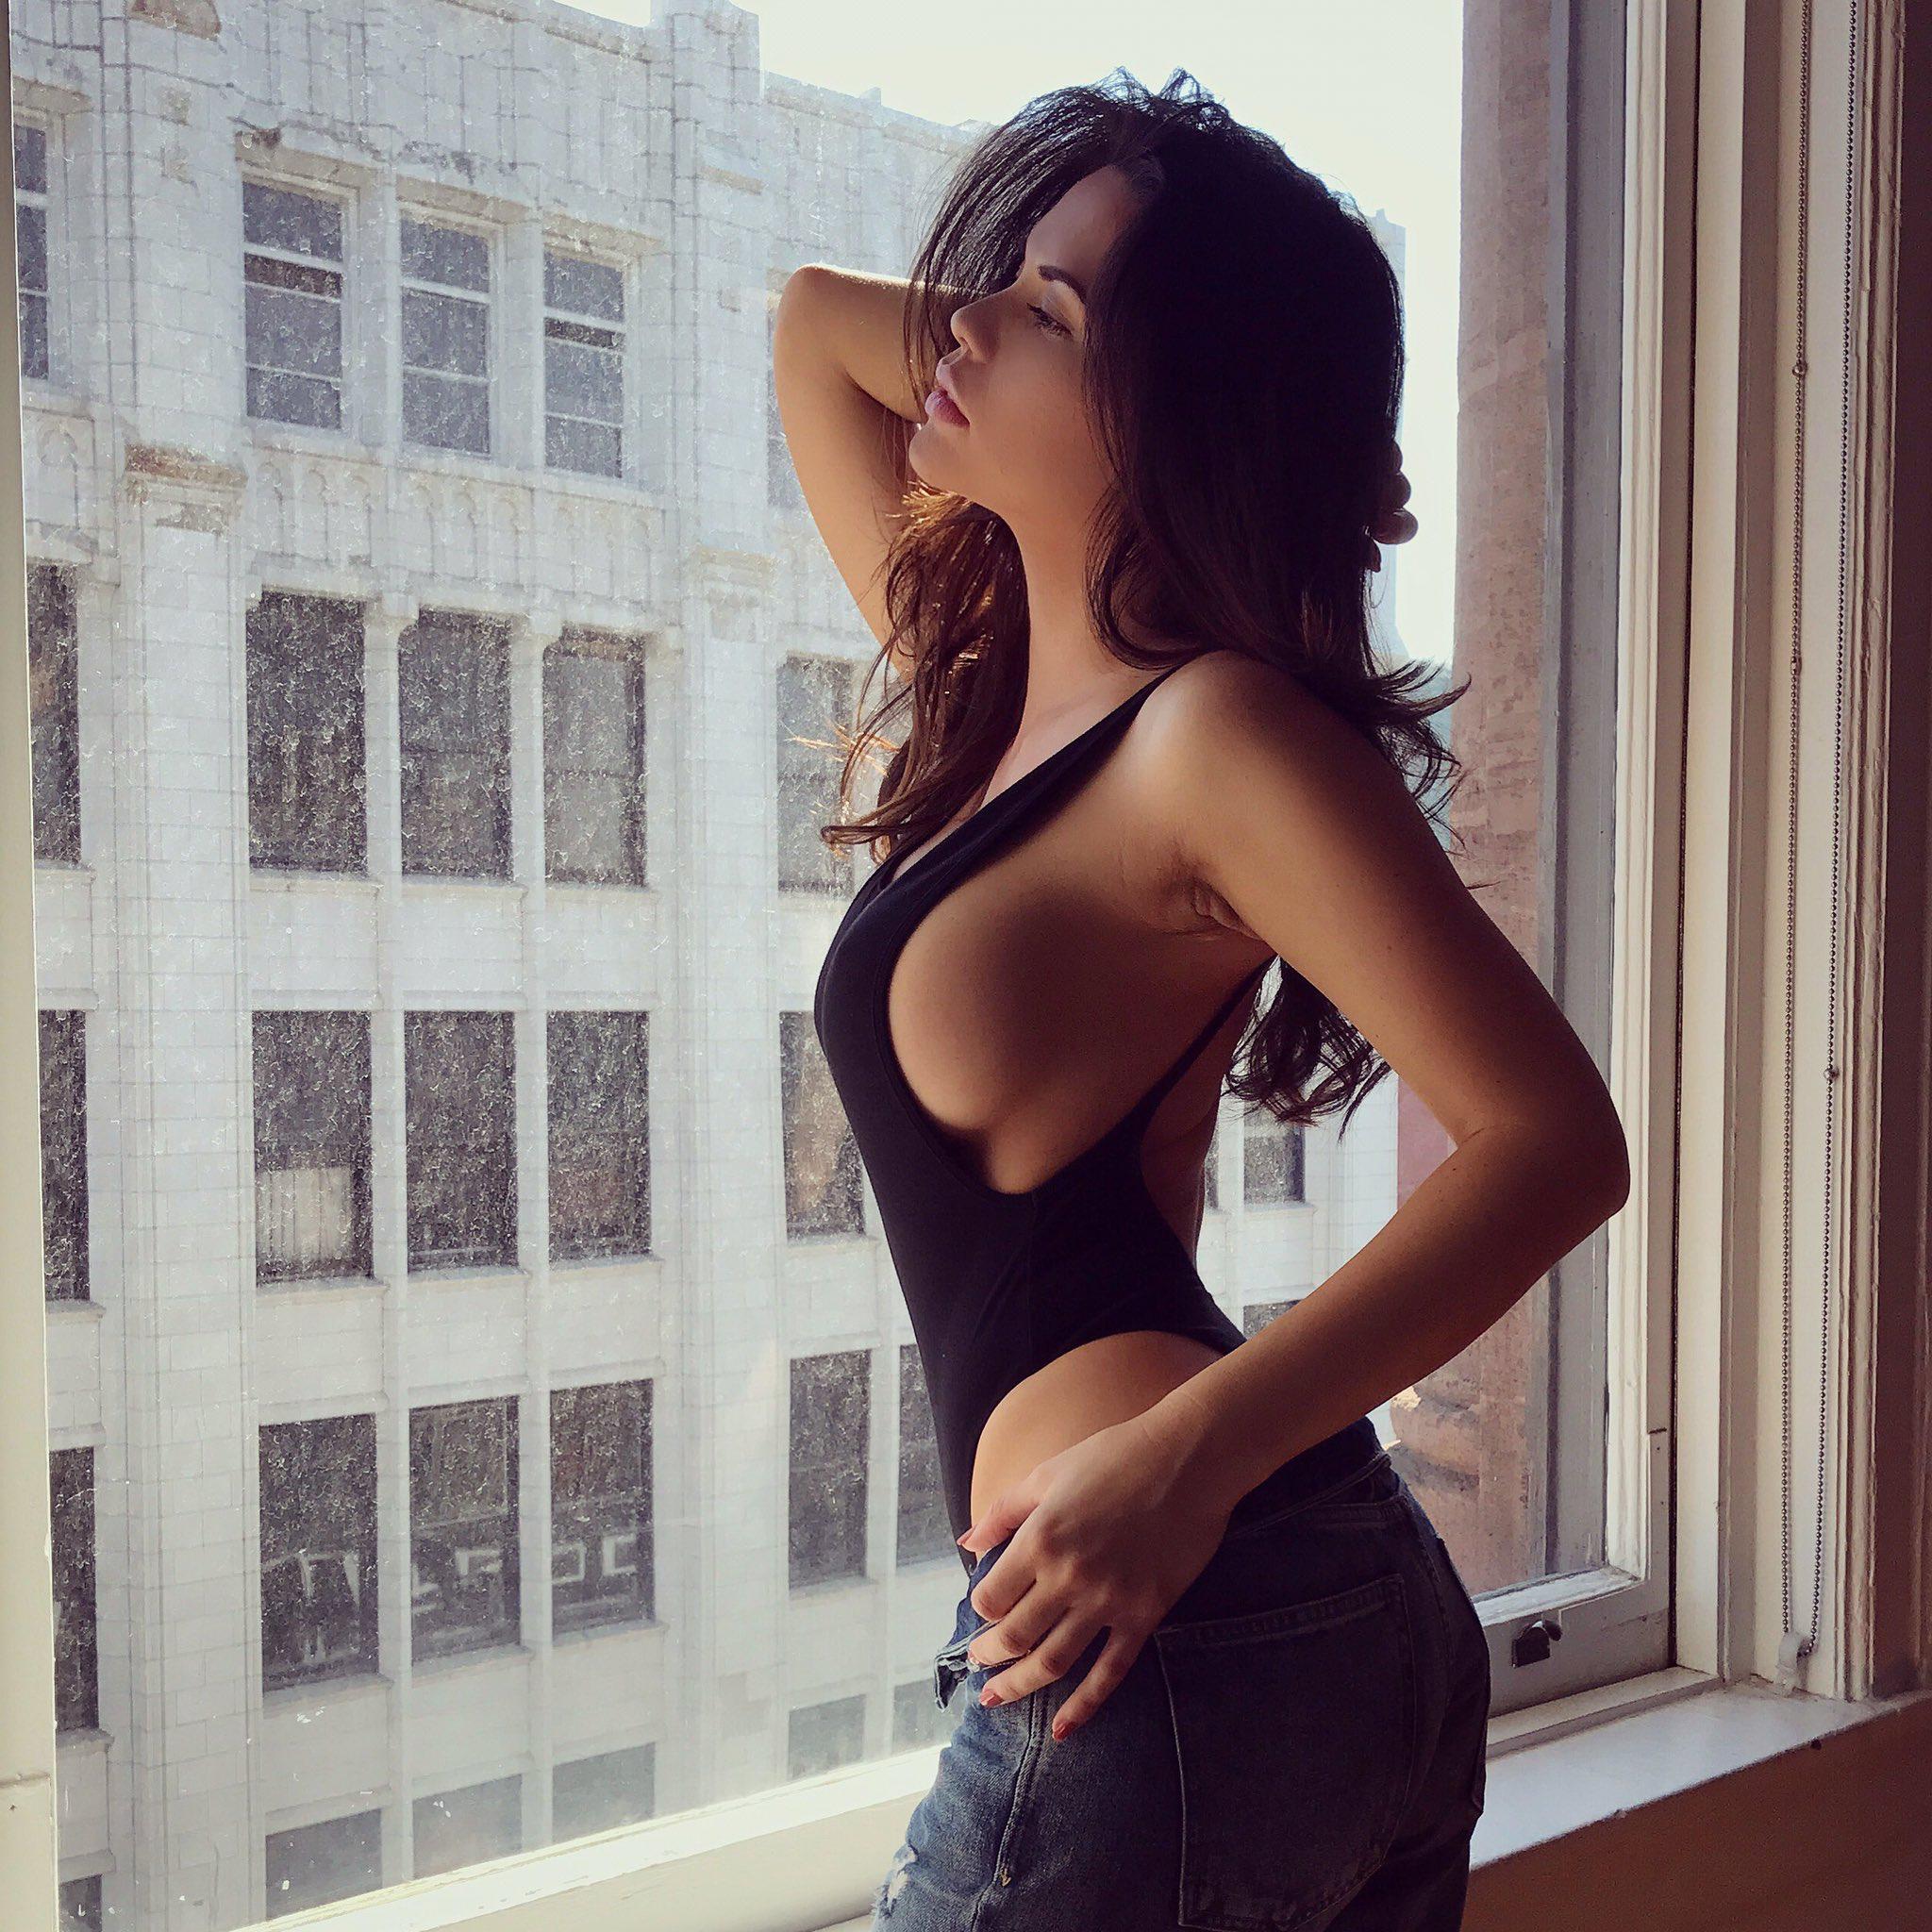 Hot Girls Side Boob